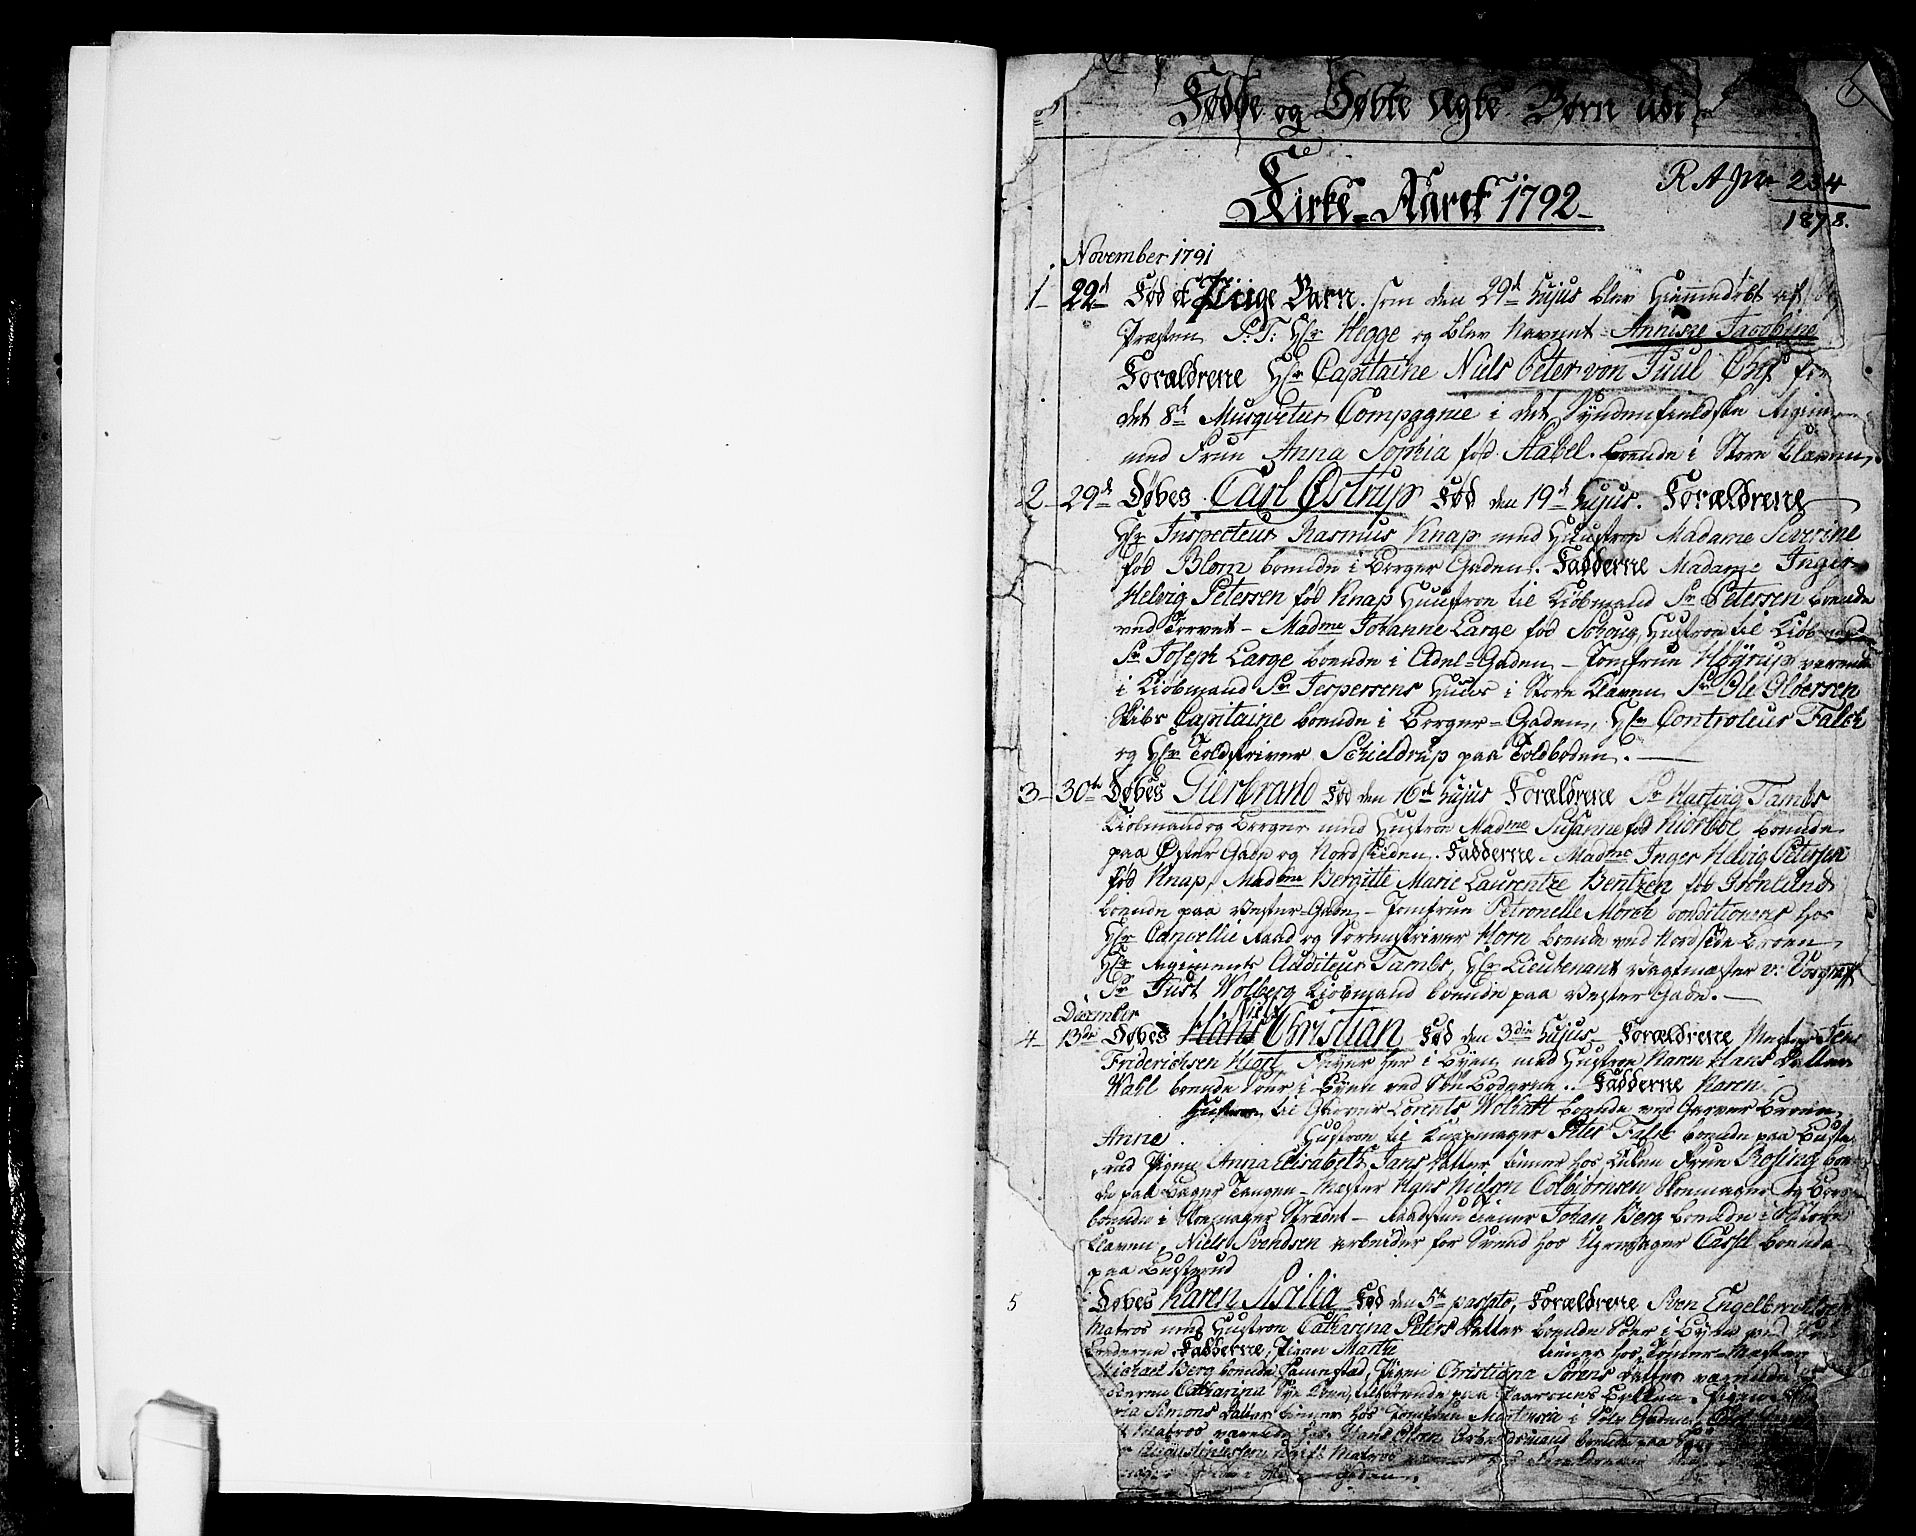 SAO, Halden prestekontor Kirkebøker, F/Fa/L0002: Ministerialbok nr. I 2, 1792-1812, s. 1